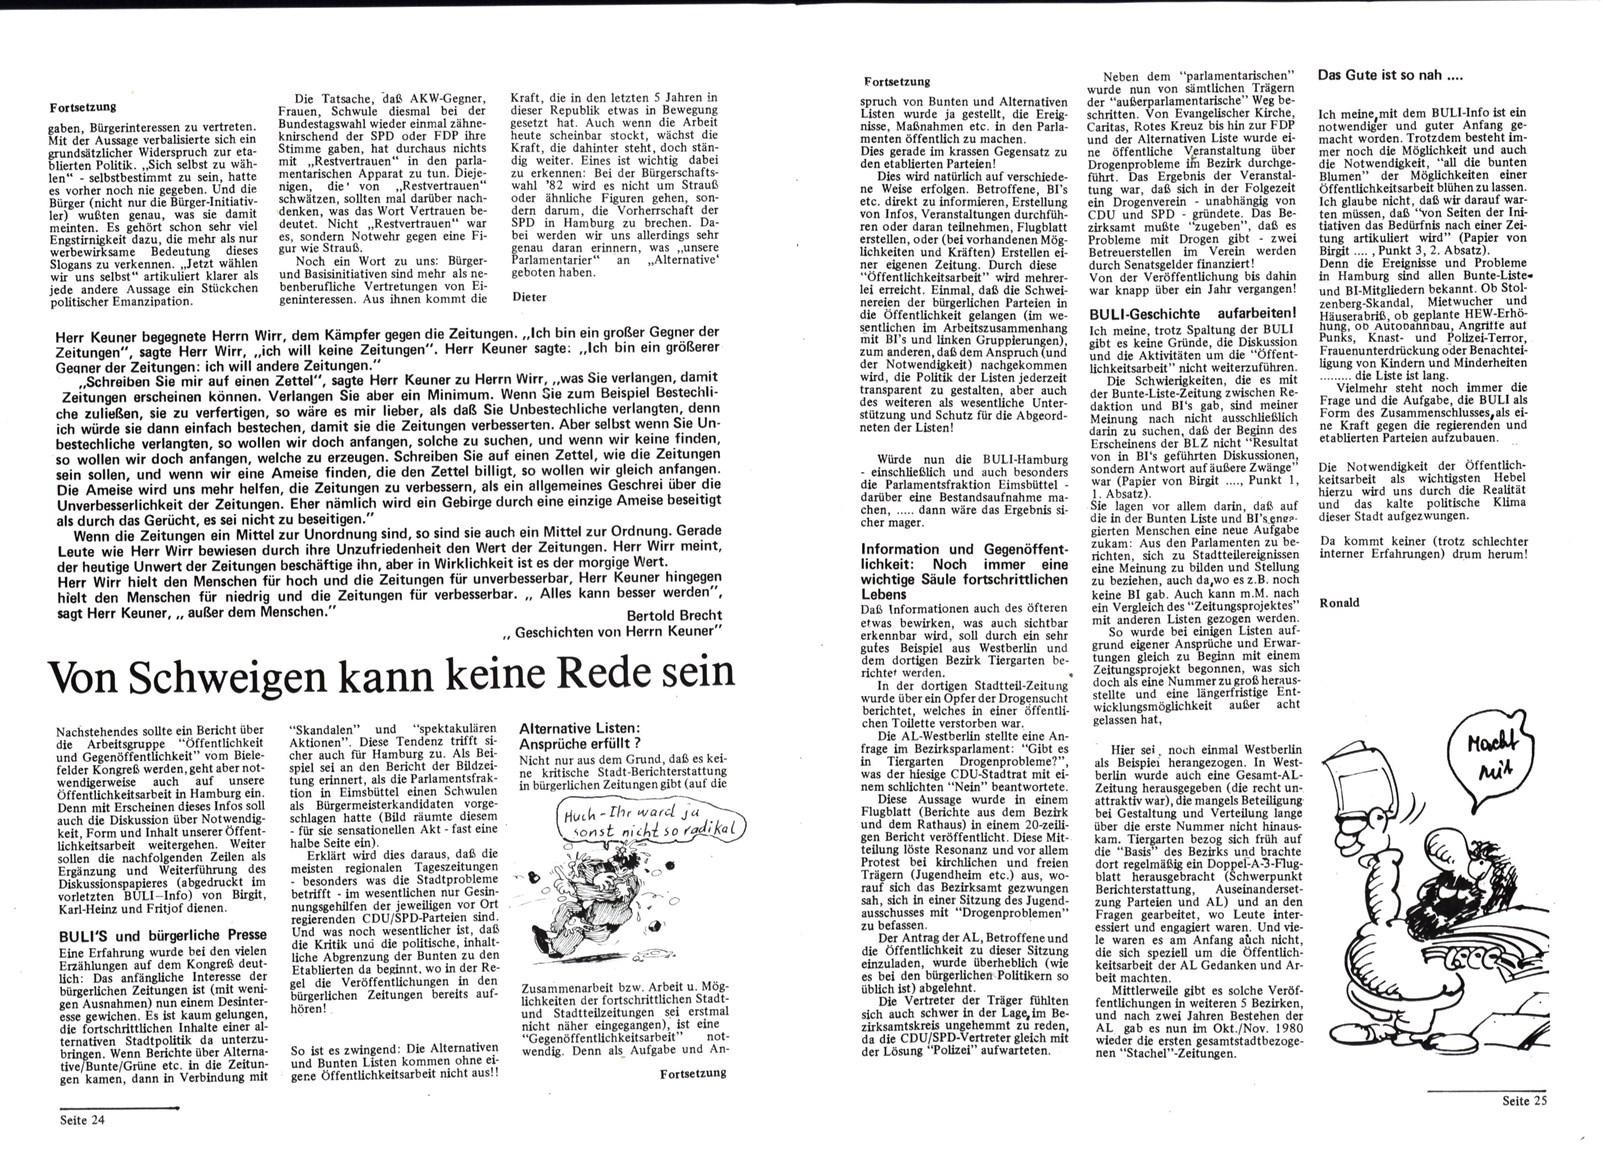 Hamburg_BuLi_Info_19810100_11